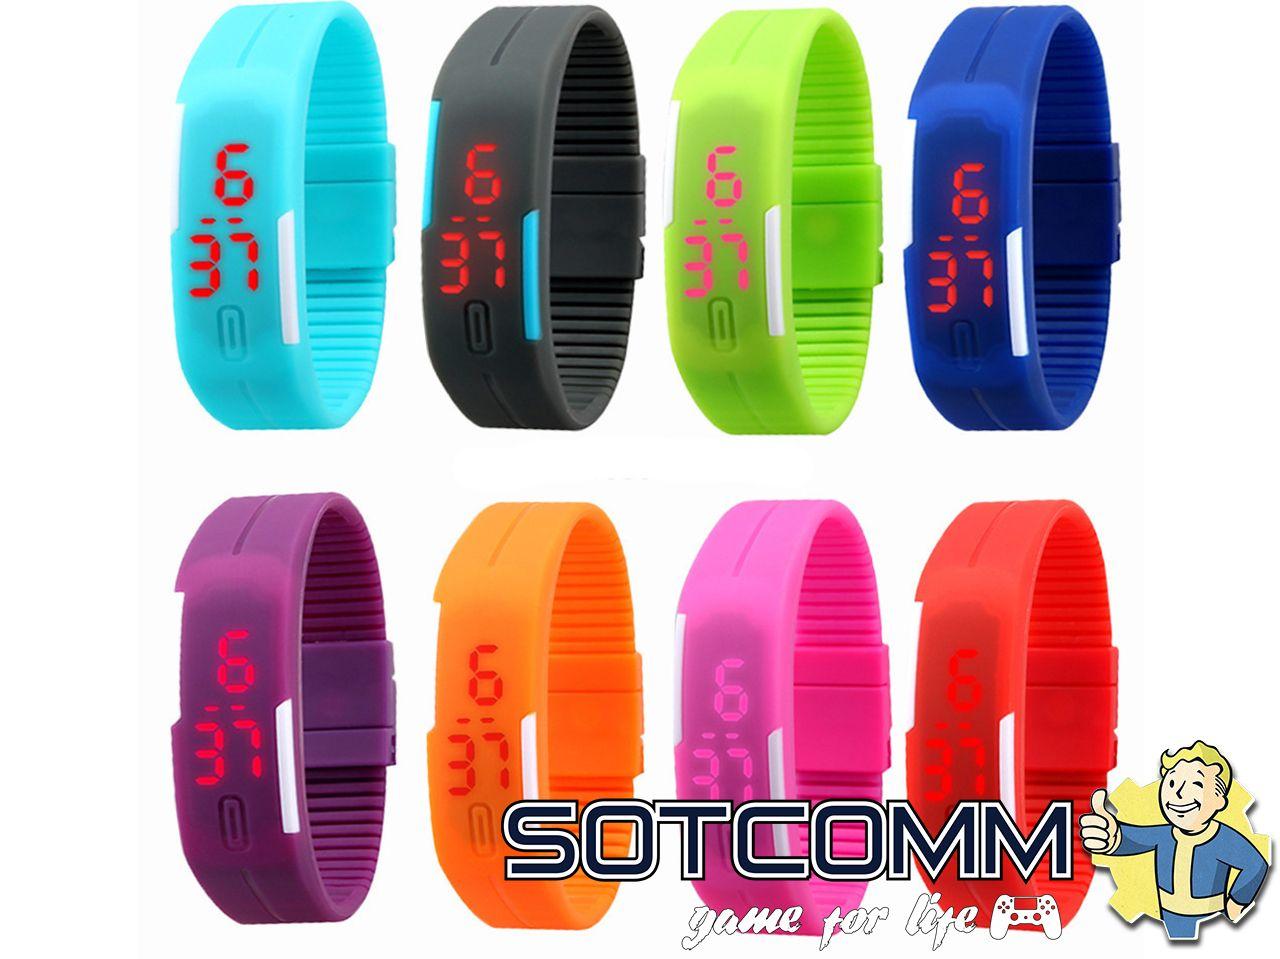 Спортивные силиконовые LED часы браслет купить в Челябинске